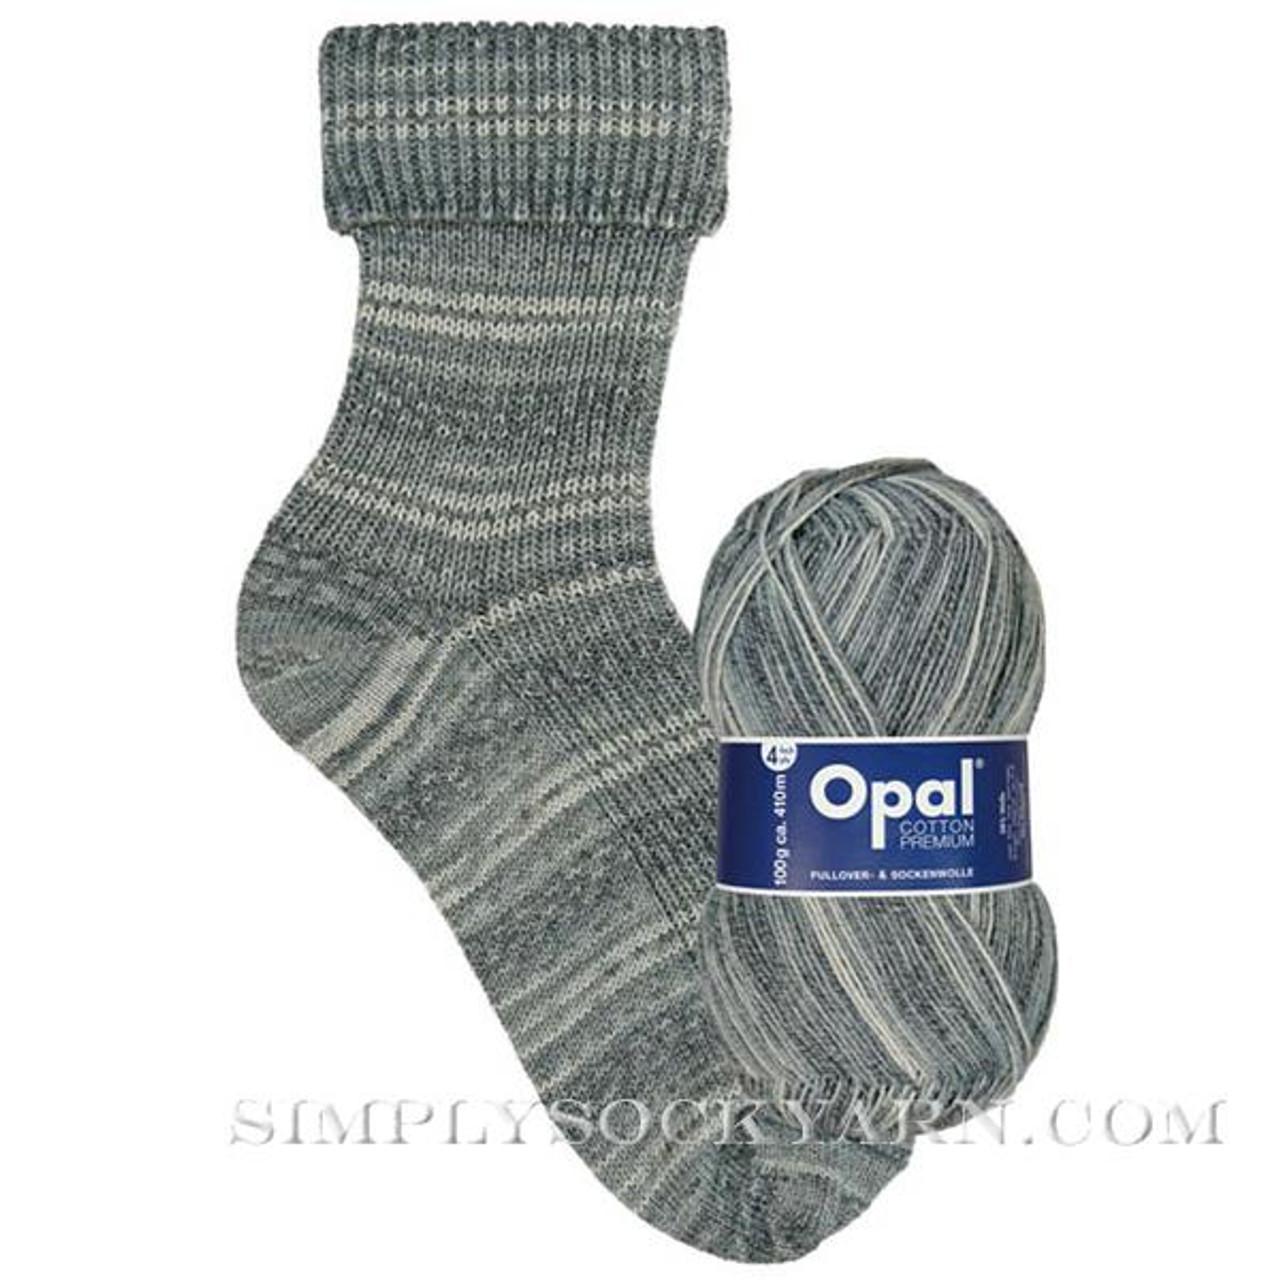 Opal Cotton Premium 9713 -